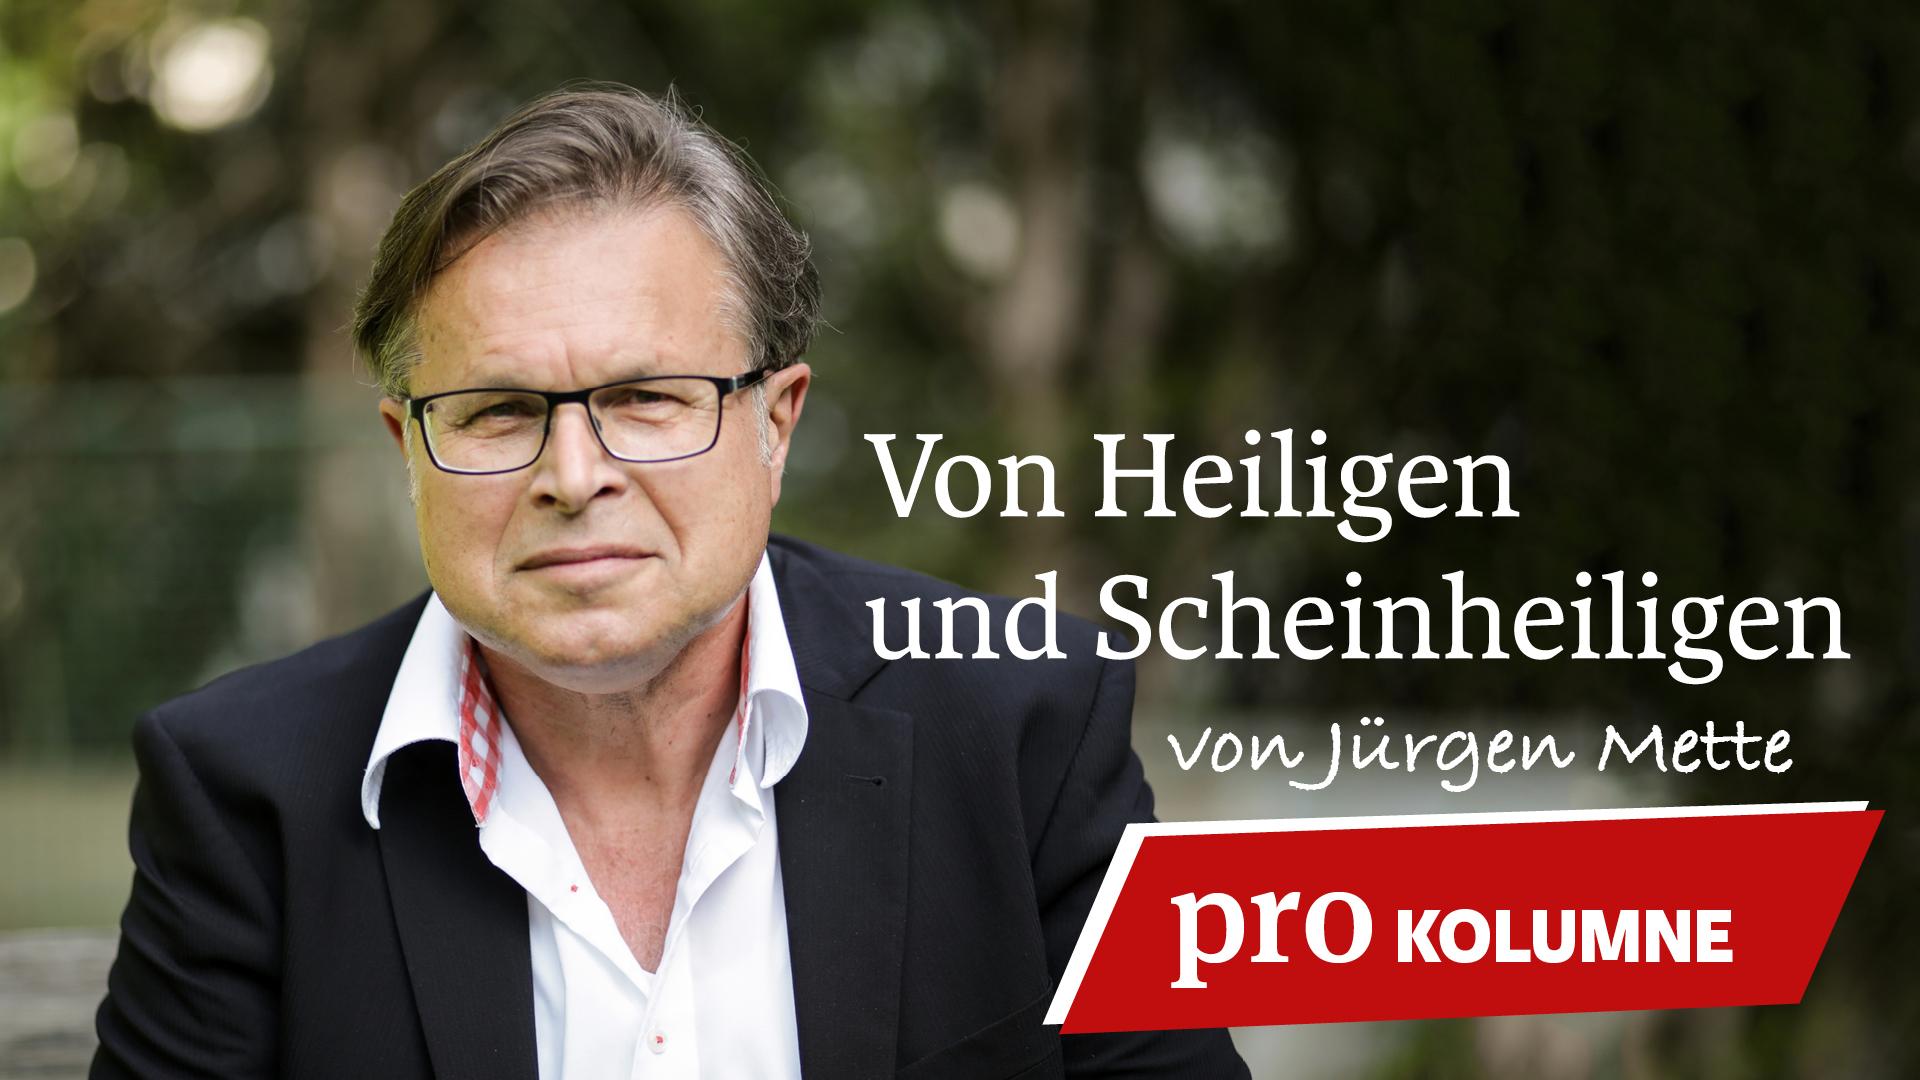 """Der Theologe Jürgen Mette leitete viele Jahre die Stiftung Marburger Medien. 2013 veröffentlichte er das Buch """"Alles außer Mikado – Leben trotz Parkinson"""", das es auf die Spiegel-Bestsellerliste schaffte."""